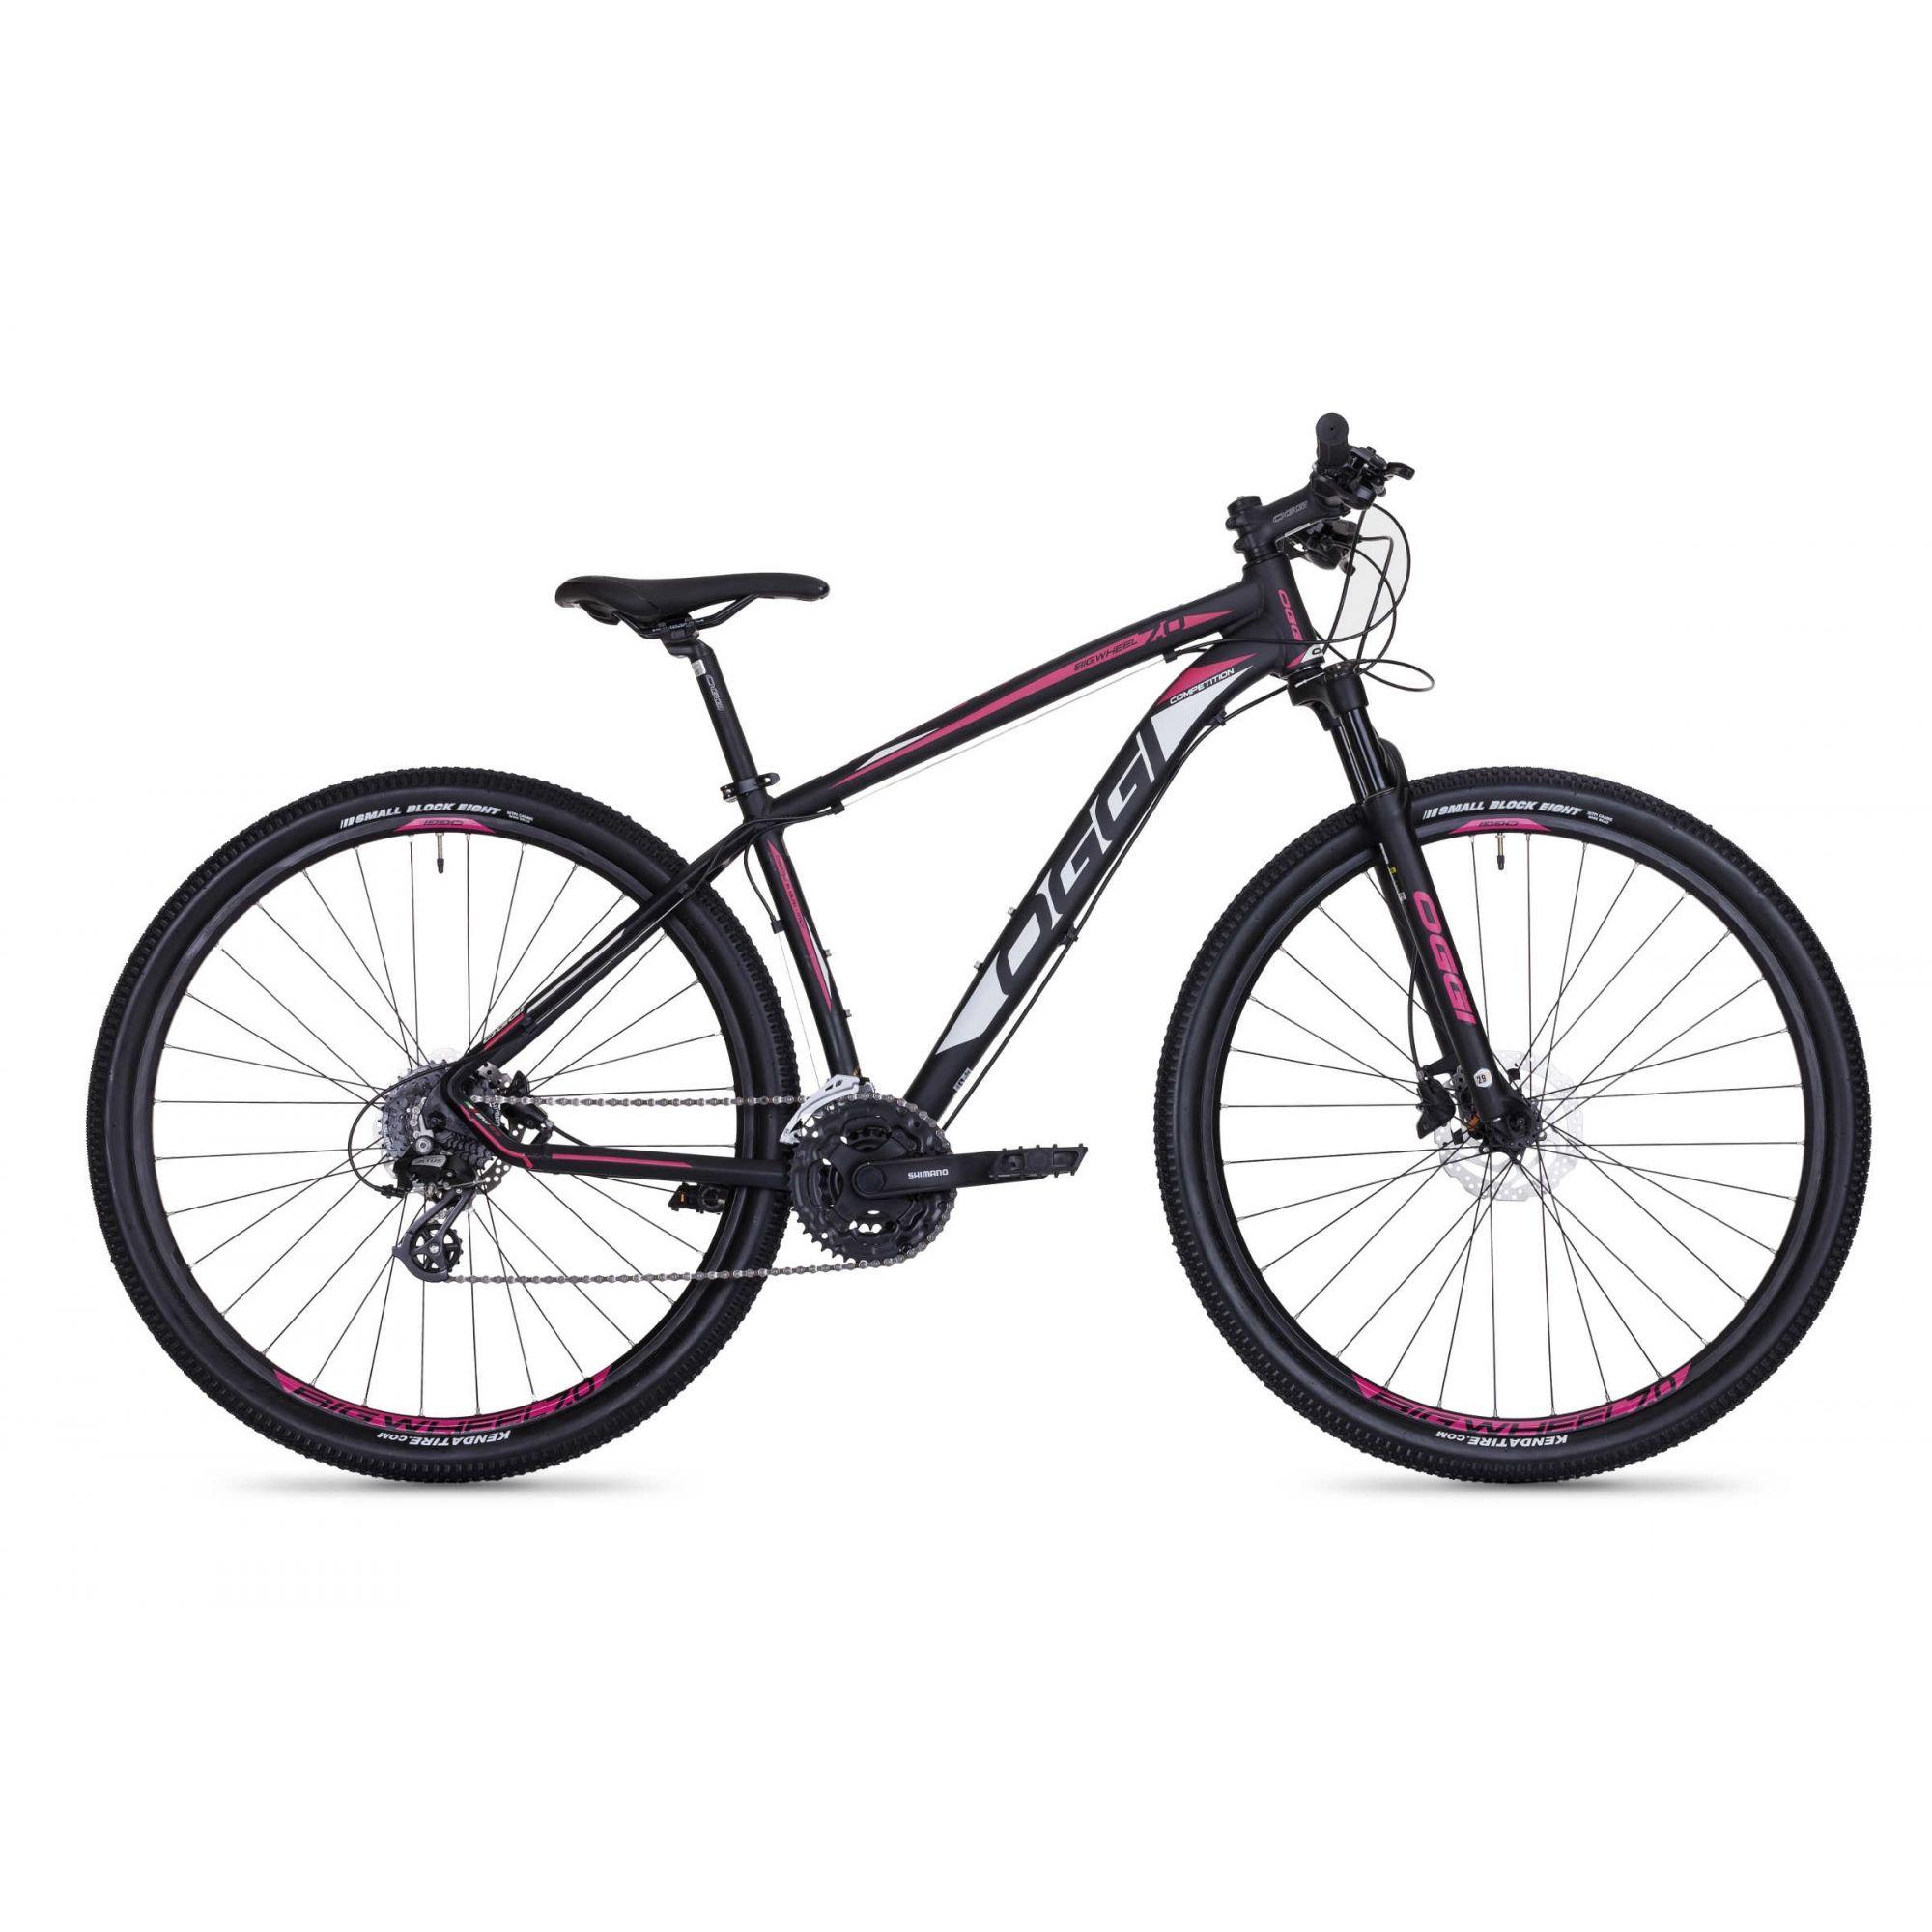 Bicicleta Oggi Big Wheel 7.0 2018 aro 29 Preto/Rosa/Branco